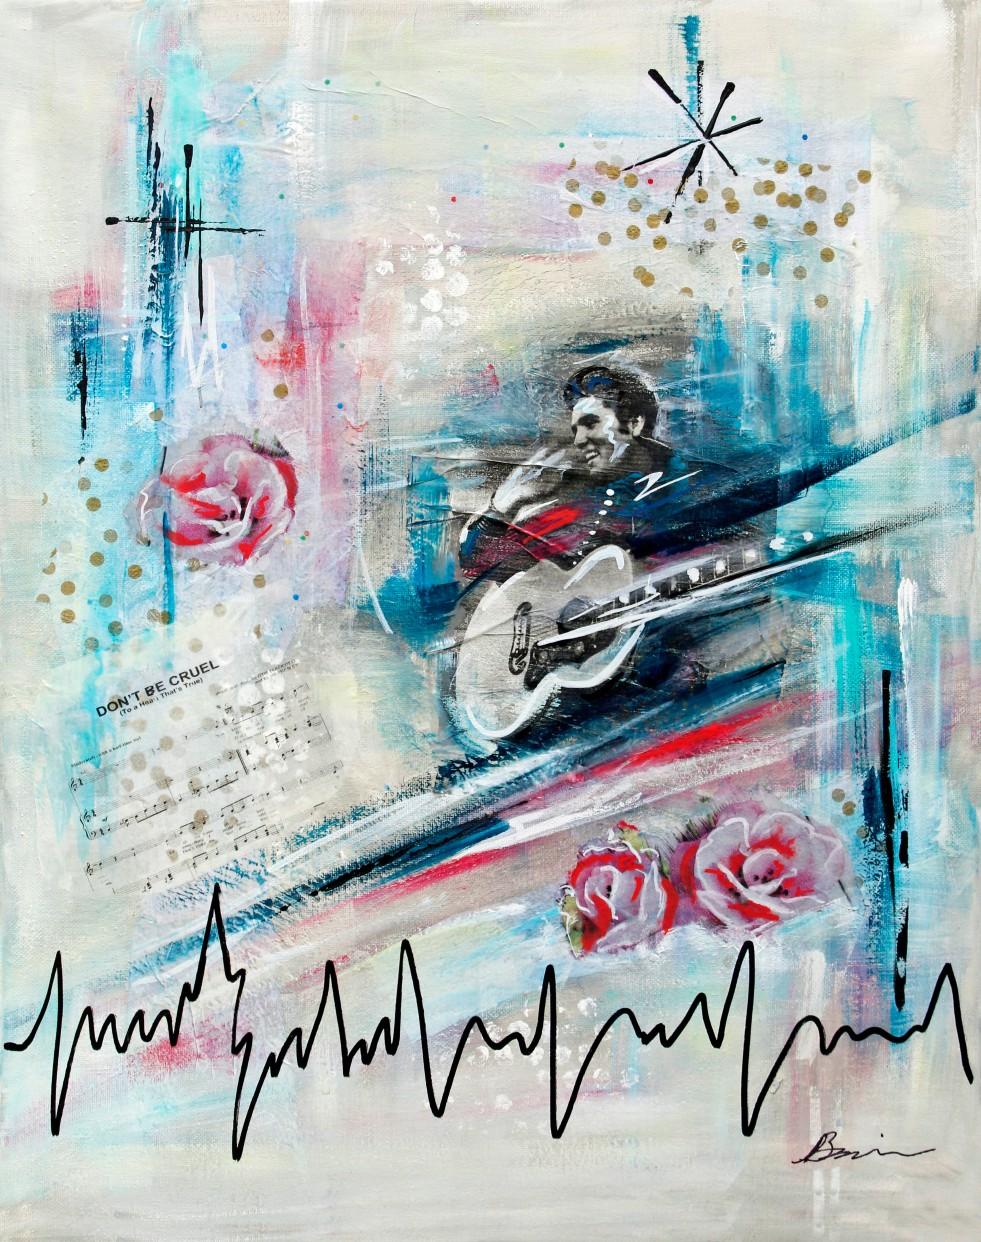 Memories of Elvis Presley, Angela Bisson